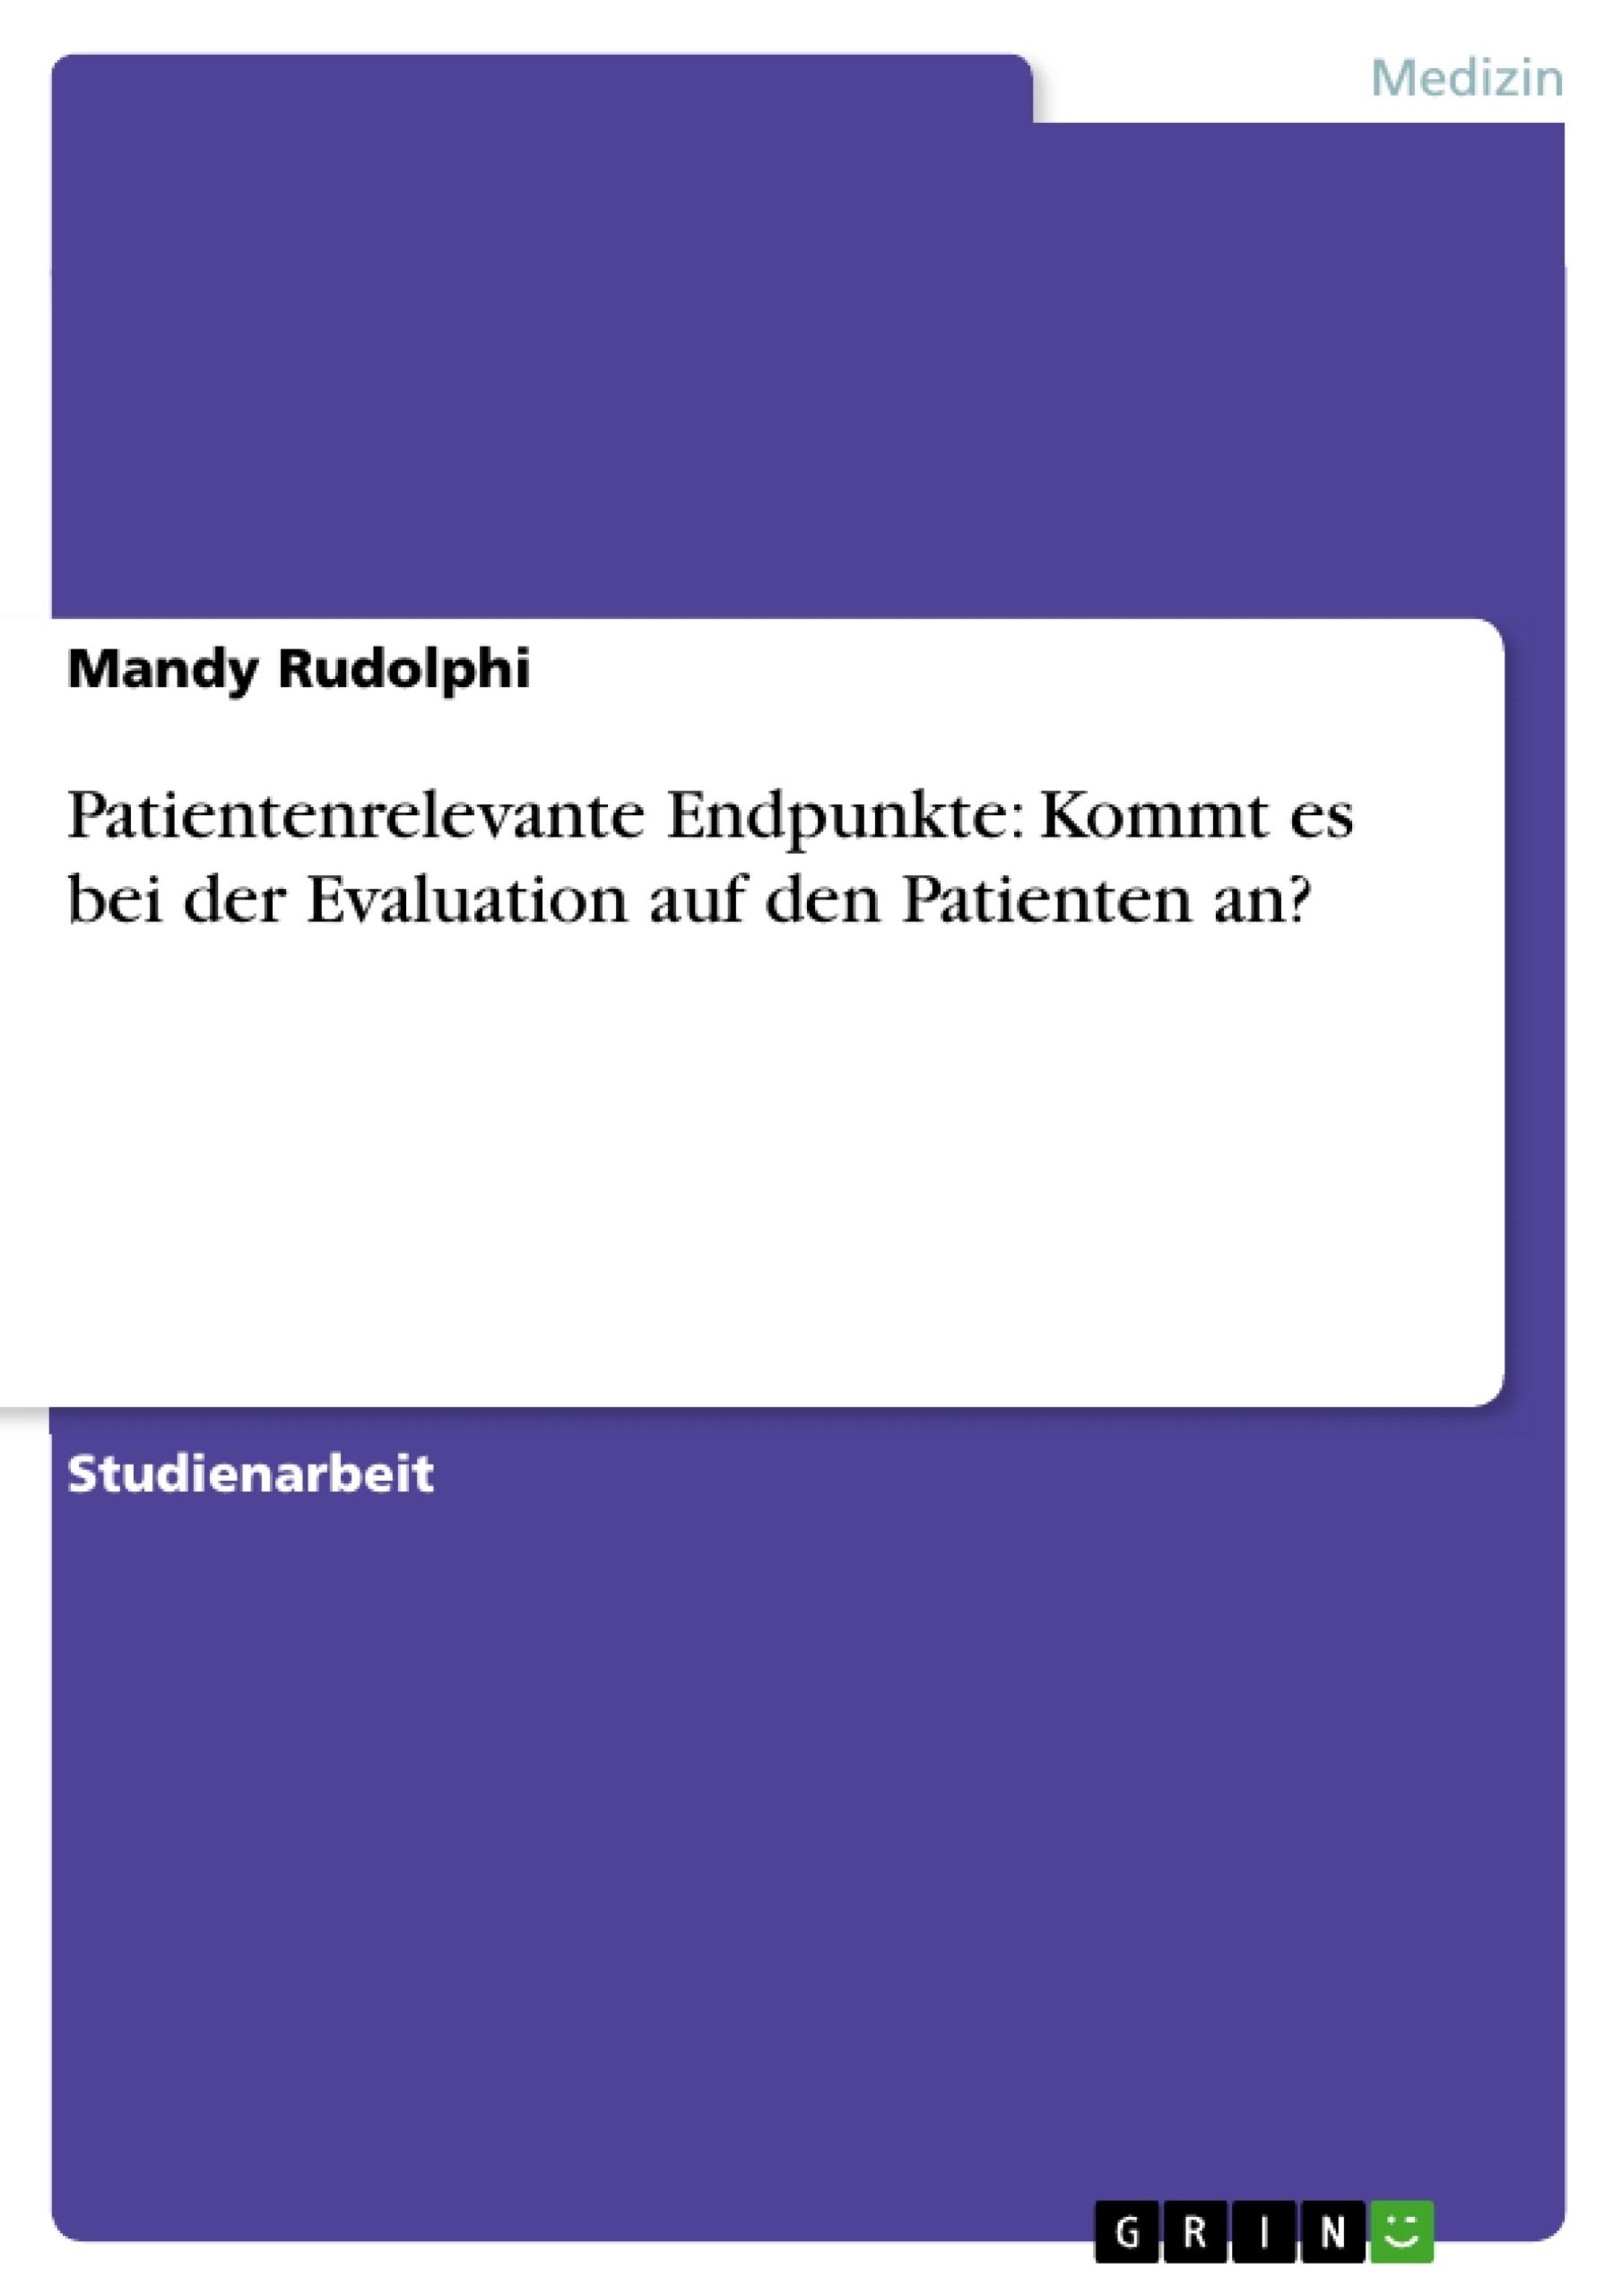 Titel: Patientenrelevante Endpunkte: Kommt es bei der Evaluation auf den Patienten an?